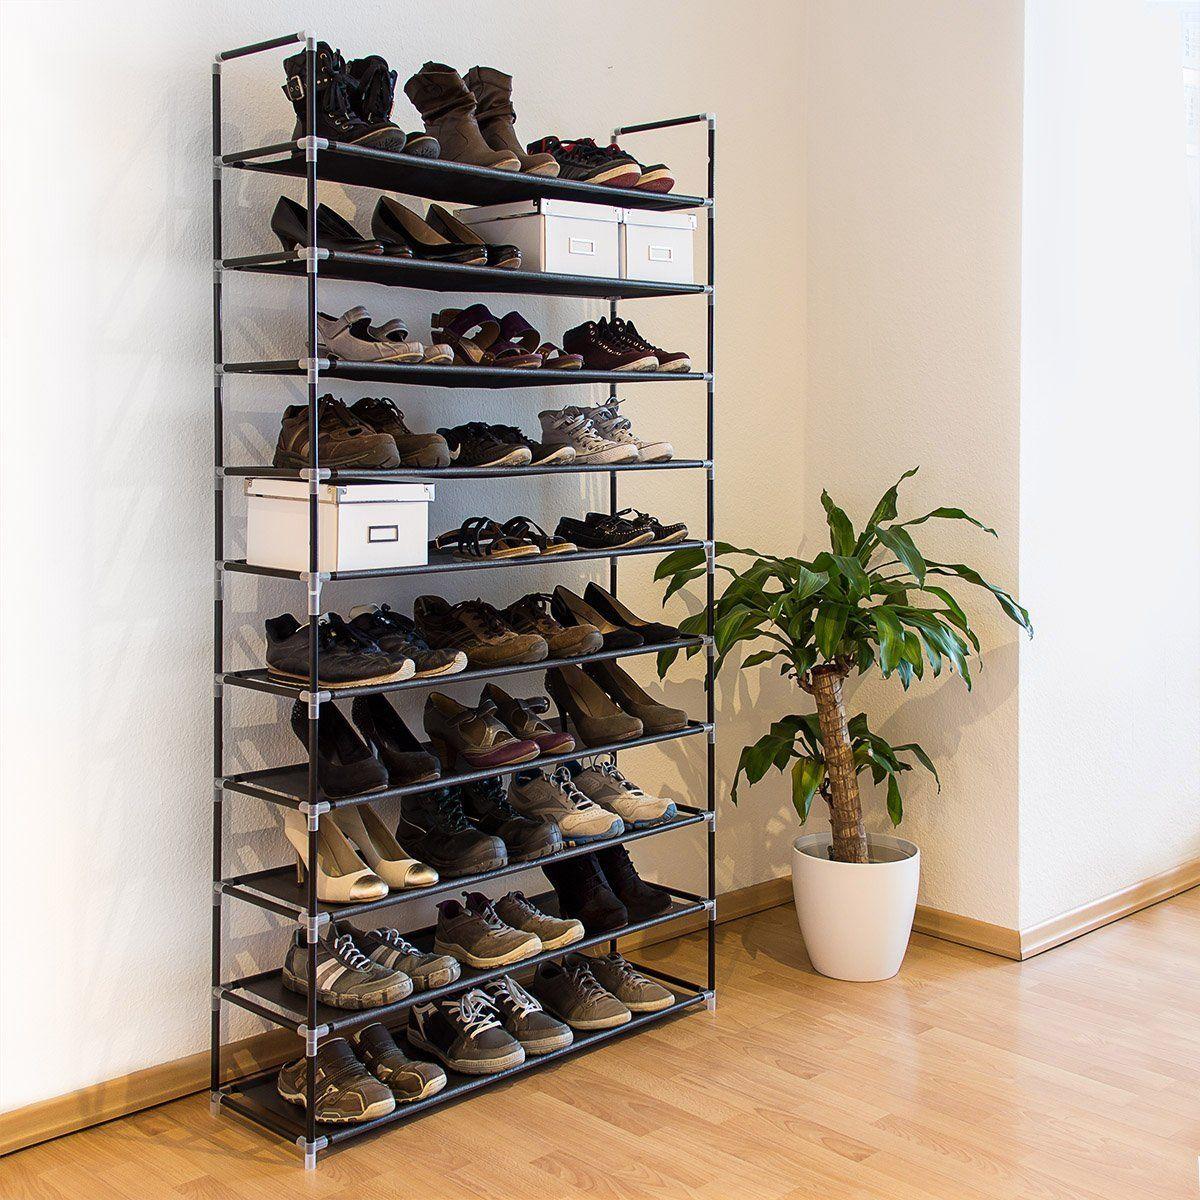 Relaxdays Schuhregal XXL H x B x T: ca. 175,5 x 100 x 29 cm Schuhablage für 50 Paar Schuhe Schuhschrank mit 10 Ebenen aus Stoff und Metall erweiterbarer Schuhständer für großen Stauraum, schwarz